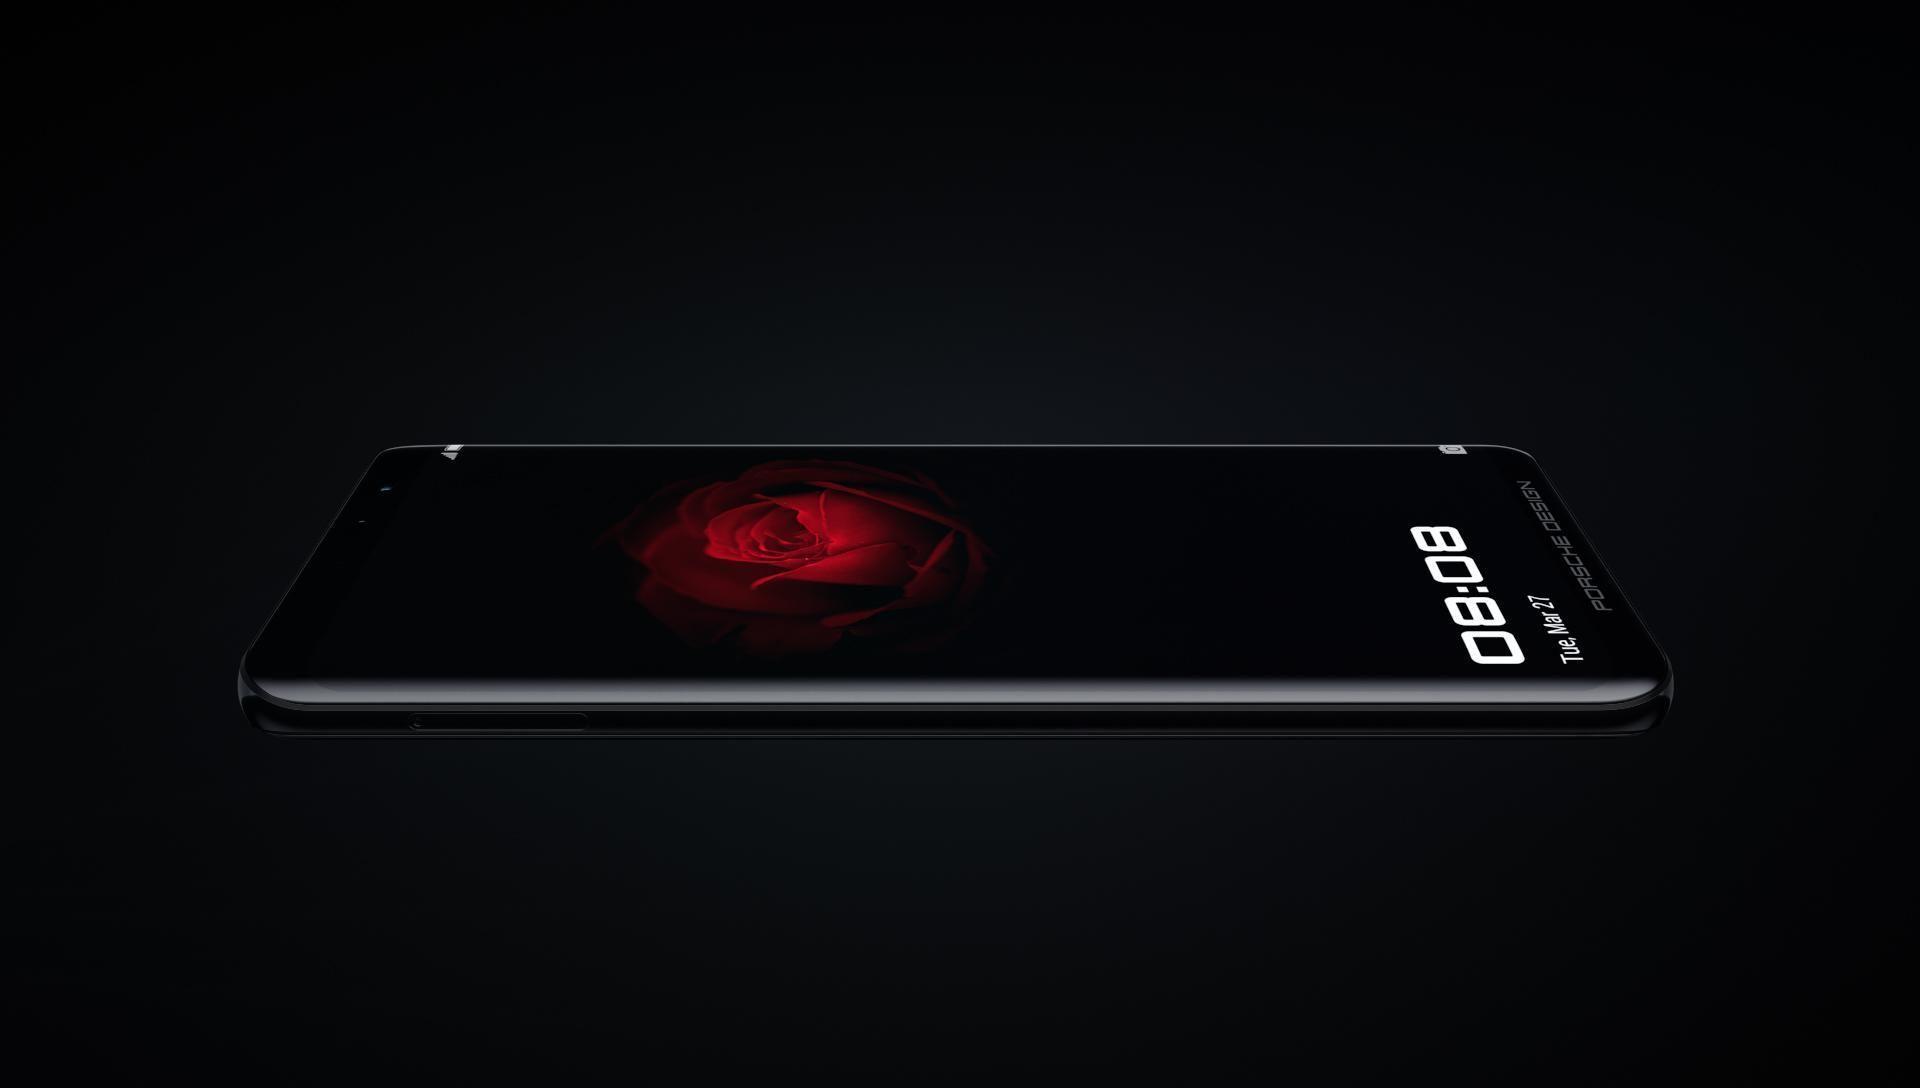 طراحی سیاه Porsche Huawei Mate RS دارای منحنی های ضخیم است